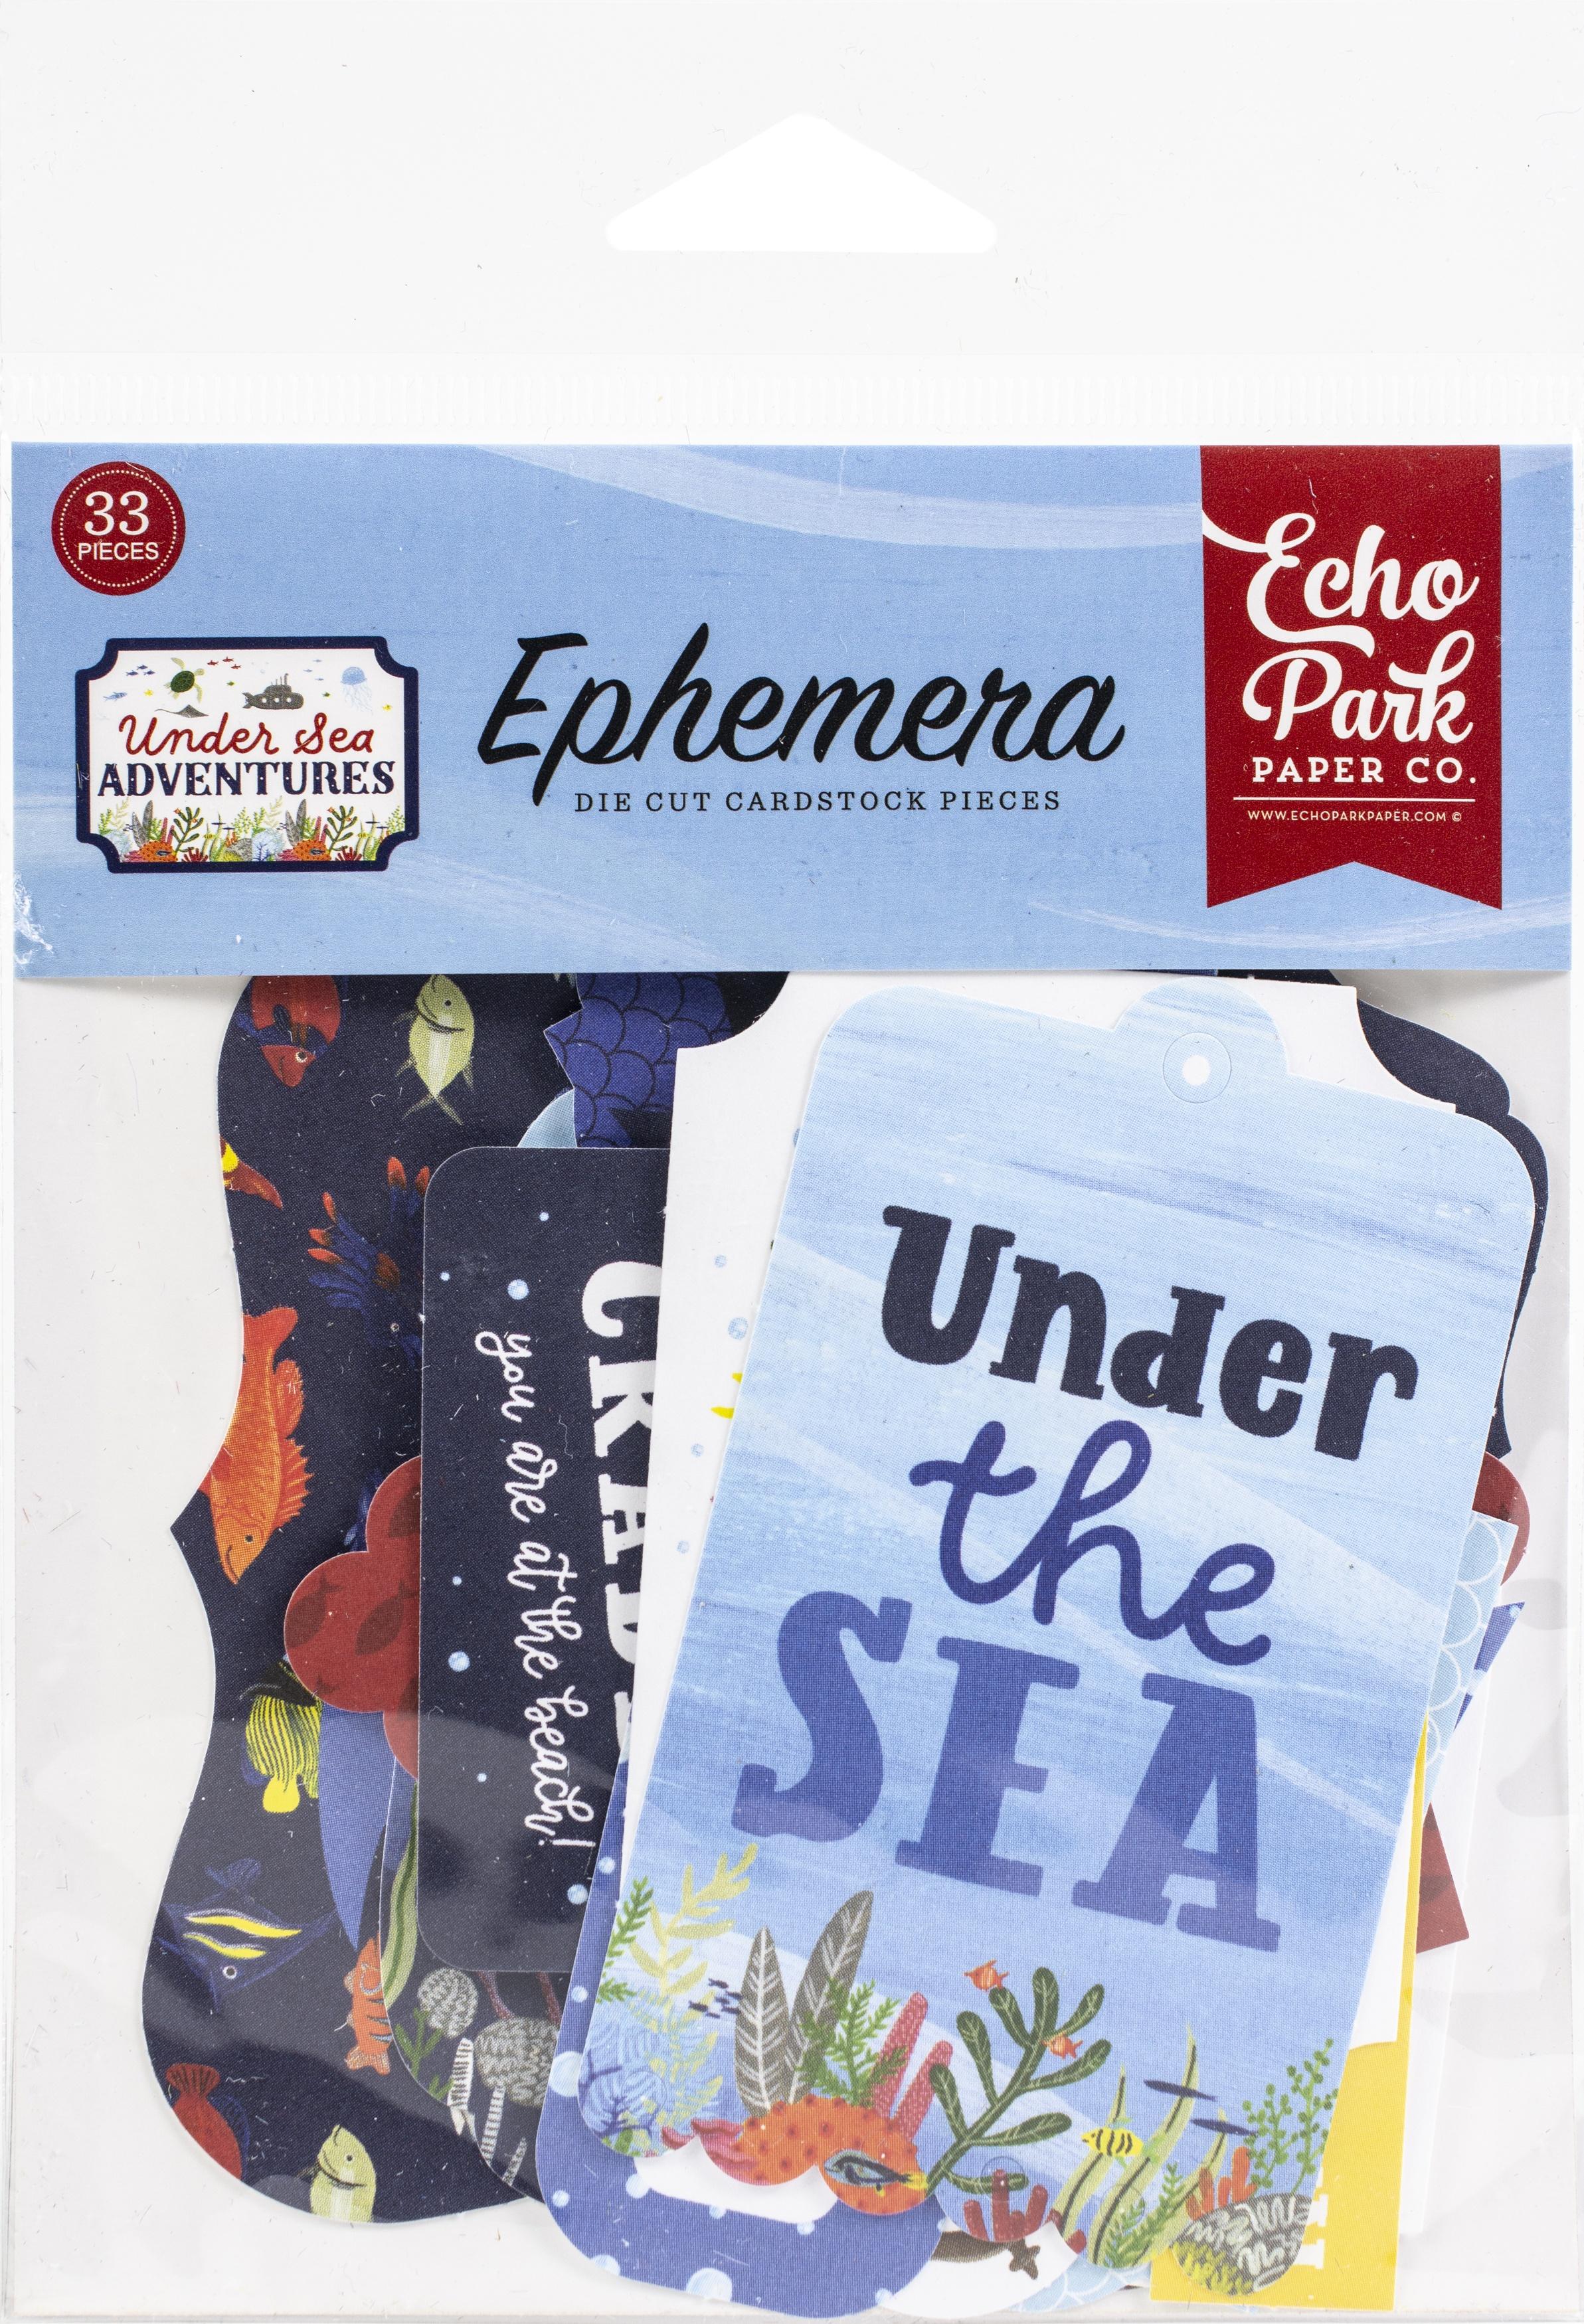 Echo Park - Under Sea Adventures - Ephemera